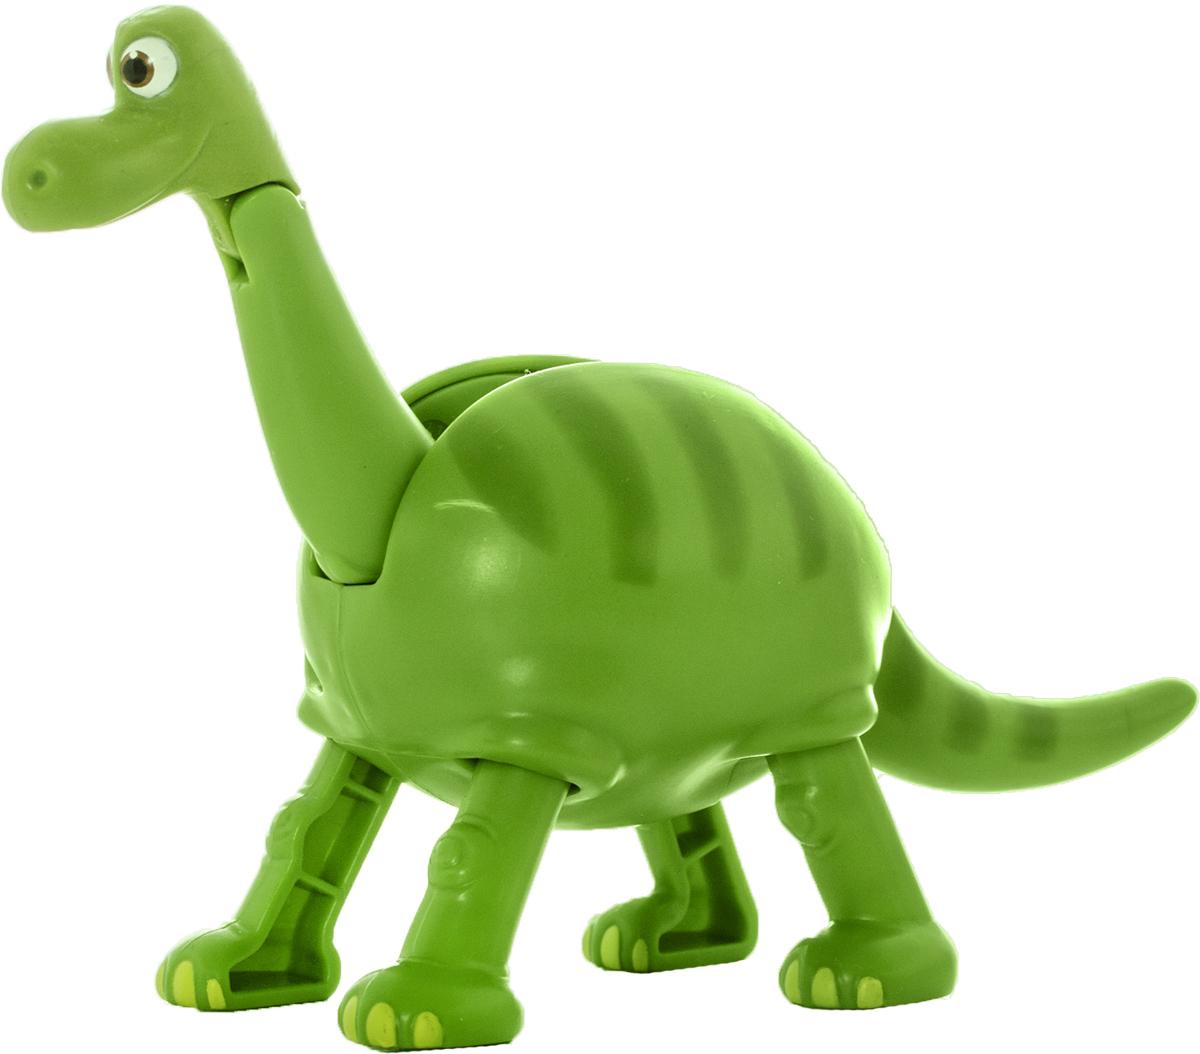 EggStars Яйцо-трансформер Арло84558Один из главных героев любимейшего детьми мультфильма «Хороший динозавр» на этот раз предстал в виде необычной игрушки – яйца-трансформера. Пластиковая фигурка апатозавра Арло в несколько простых шагов преобразуется в компактное яйцо и также легко разбирается обратно в фигурку. Игрушка научит ребенка логически мыслить, развивает мелкую моторику, ловкость пальчиков, тренирует память. Благодаря небольшим размерам игрушки, её удобно брать с собой в гости или на прогулку, она легкая и прочная, ярко окрашена и выглядит очень симпатично. Это оригинальный и полезный подарок для ребенка дошкольного и младшего школьного возраста, который несомненно порадует юных поклонников добрых и красочных Диснеевских мультфильмов.